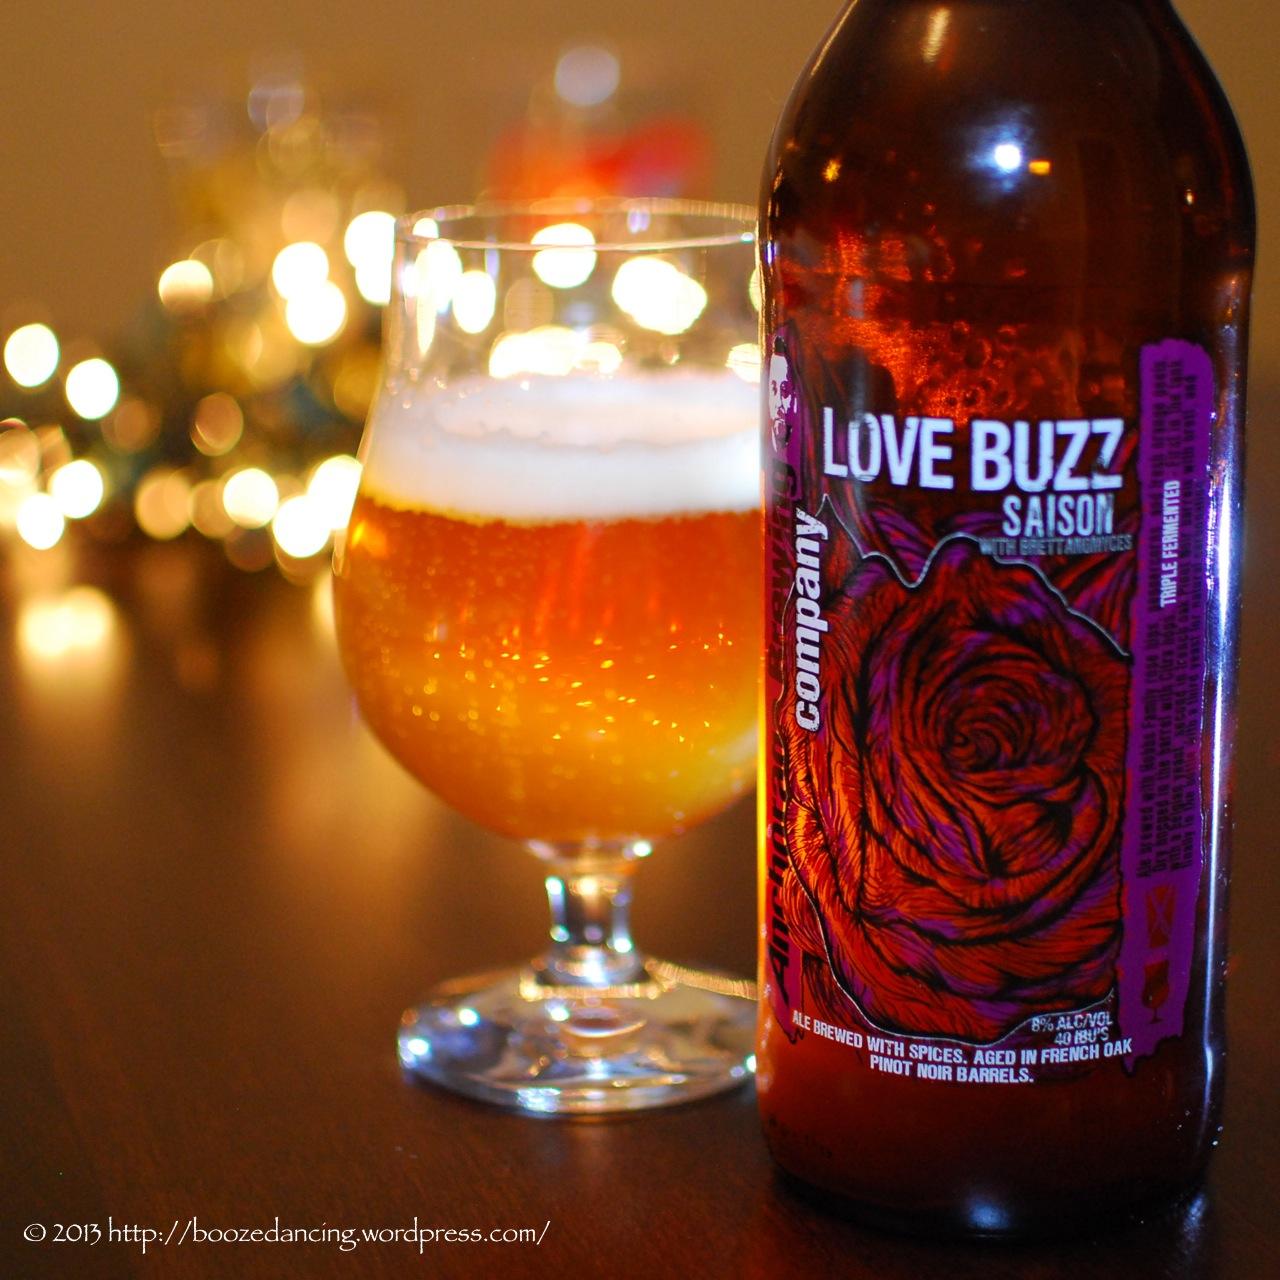 anchorage brewing co love buzz saison